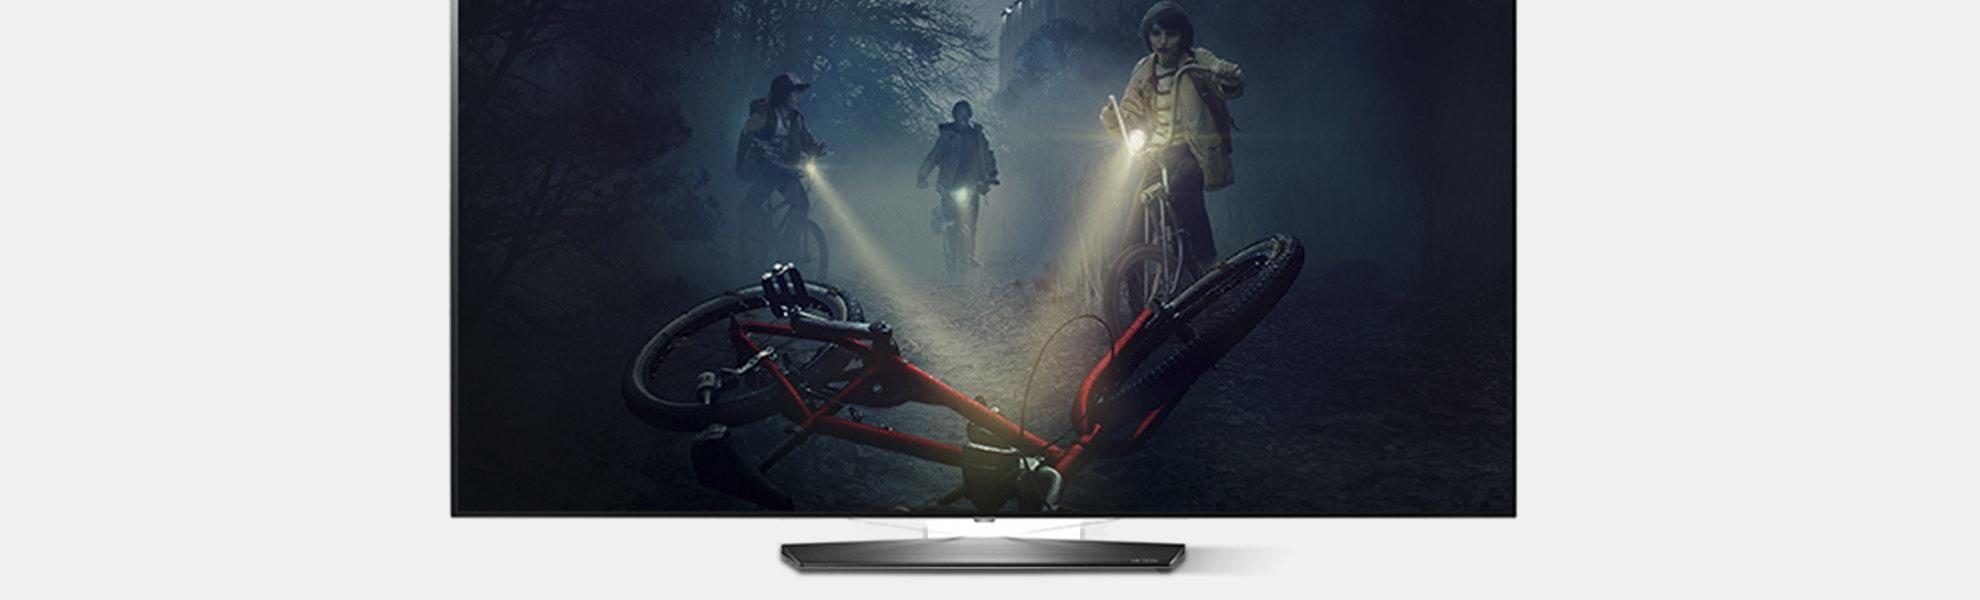 LG 55 65-Inch B7A OLED 4K HDR Smart TV